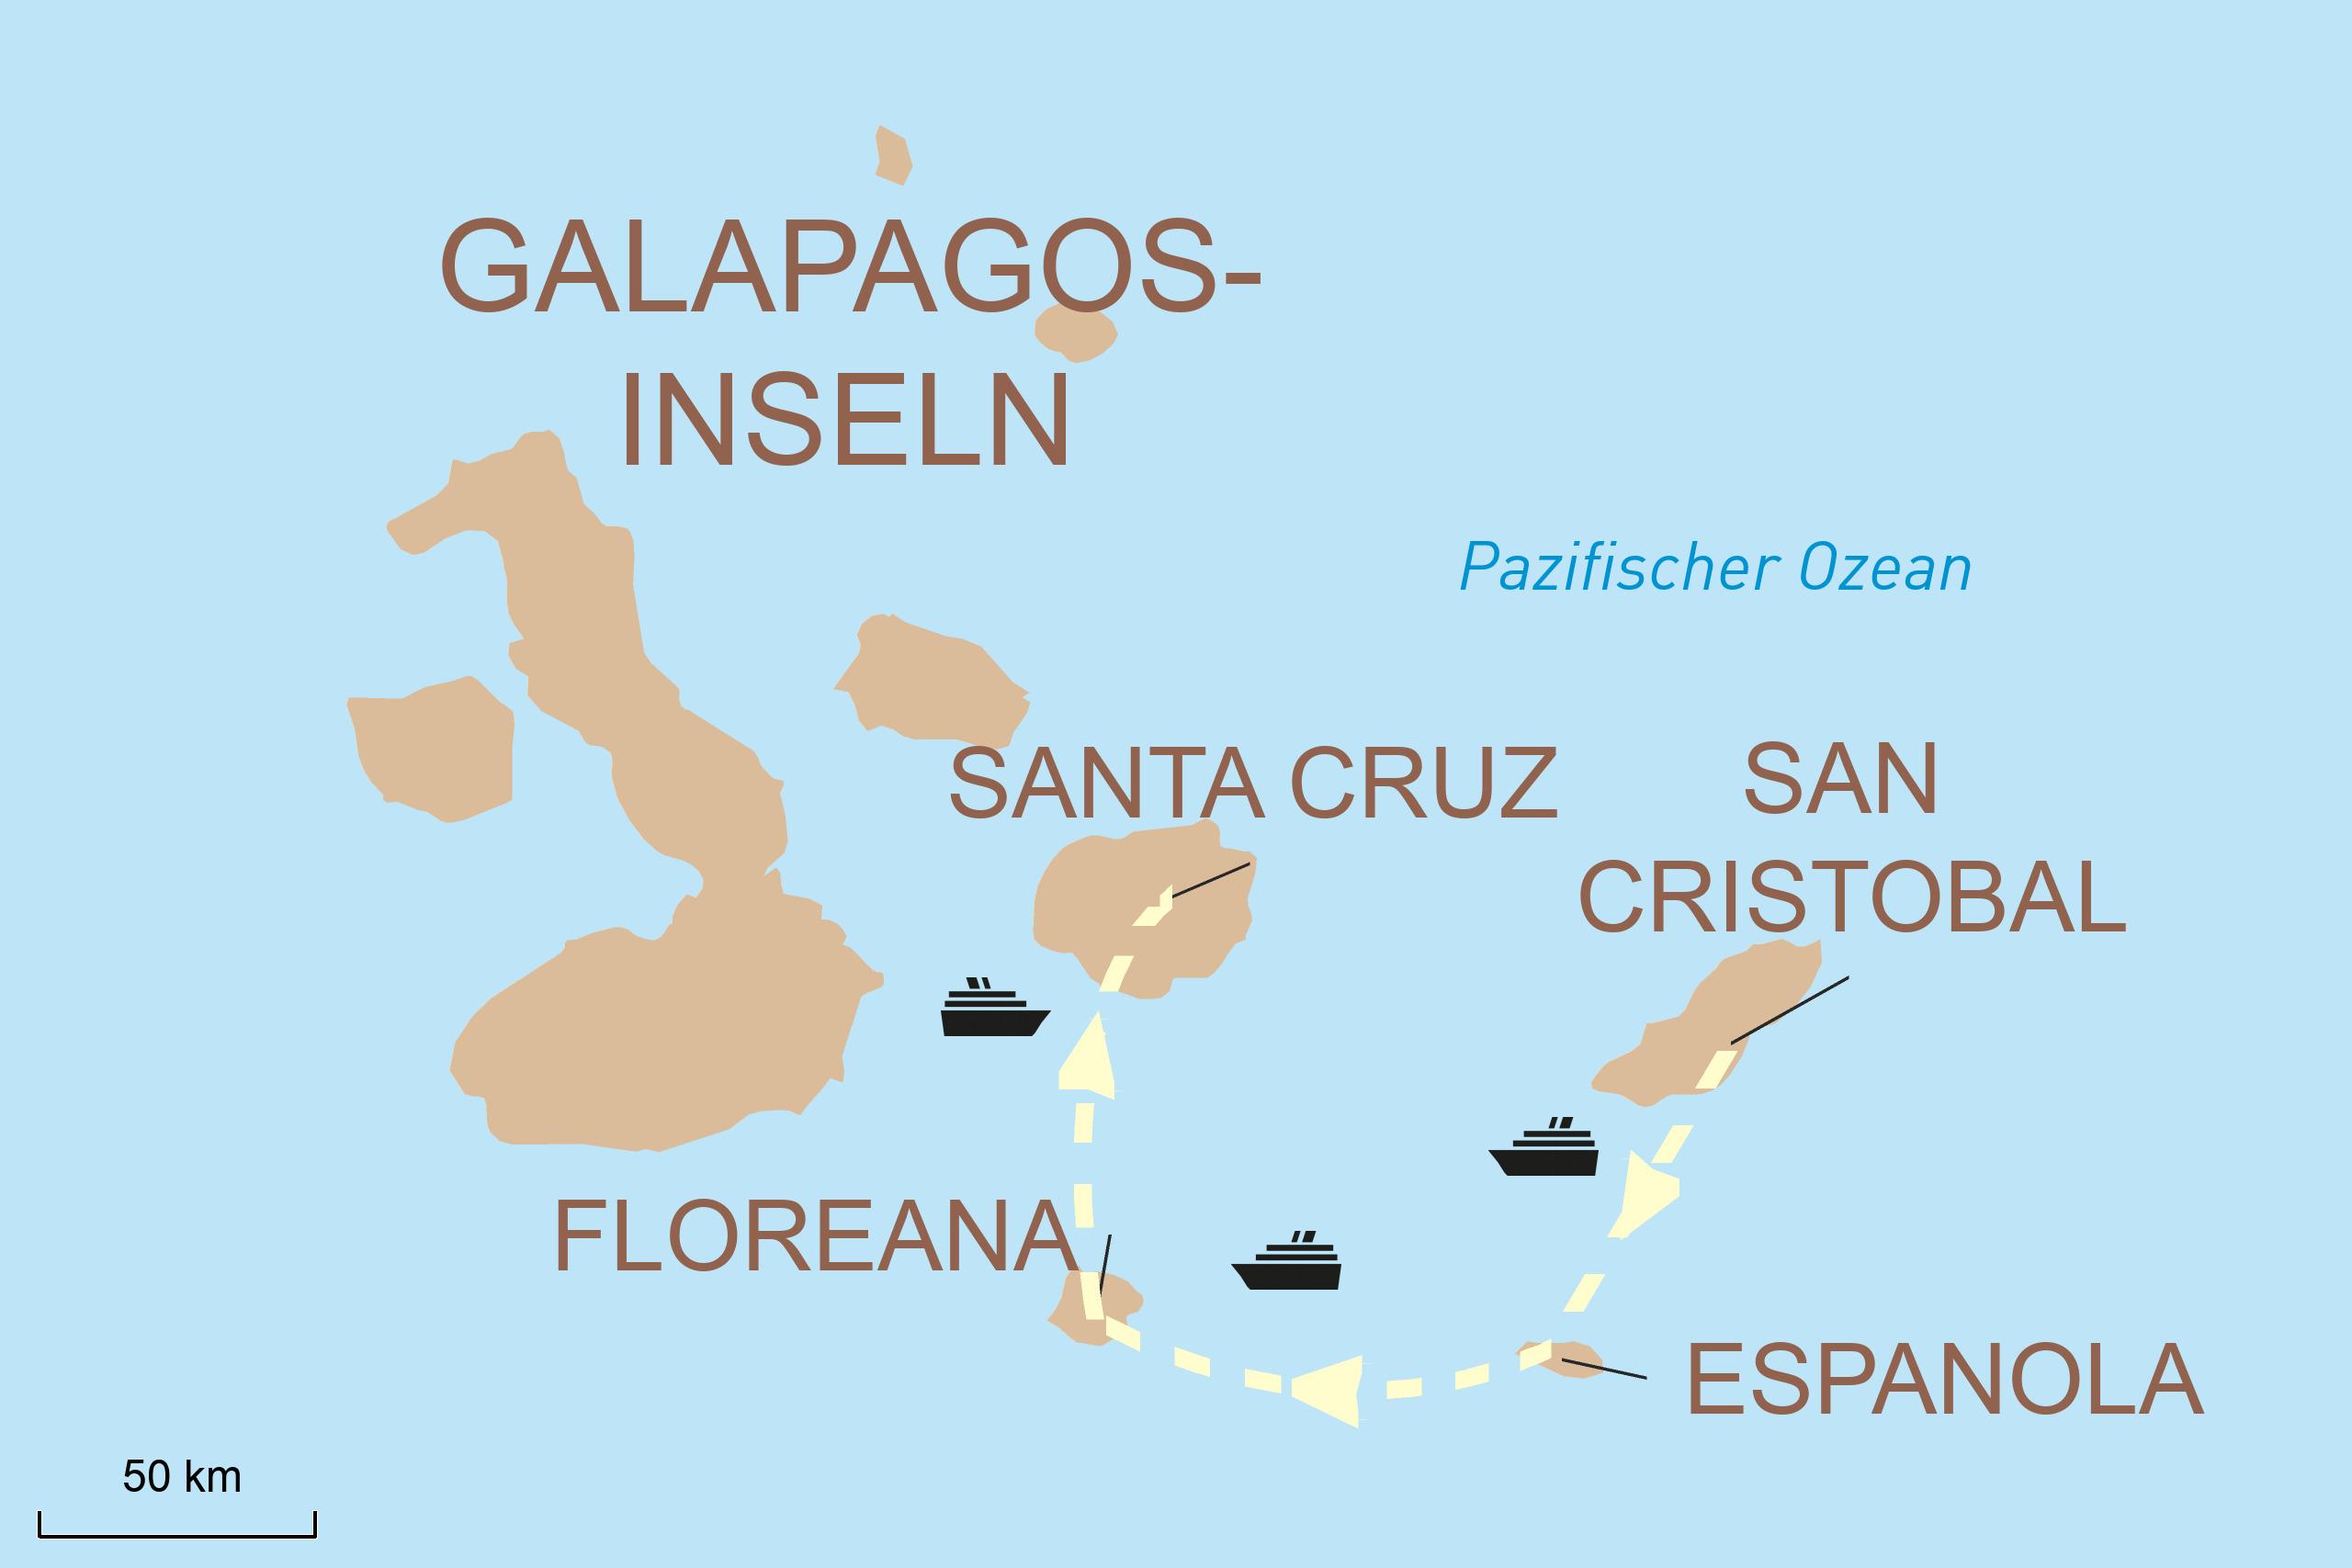 Kreuzfahrt durch die Galápagos-Inseln mit der Seaman Journey